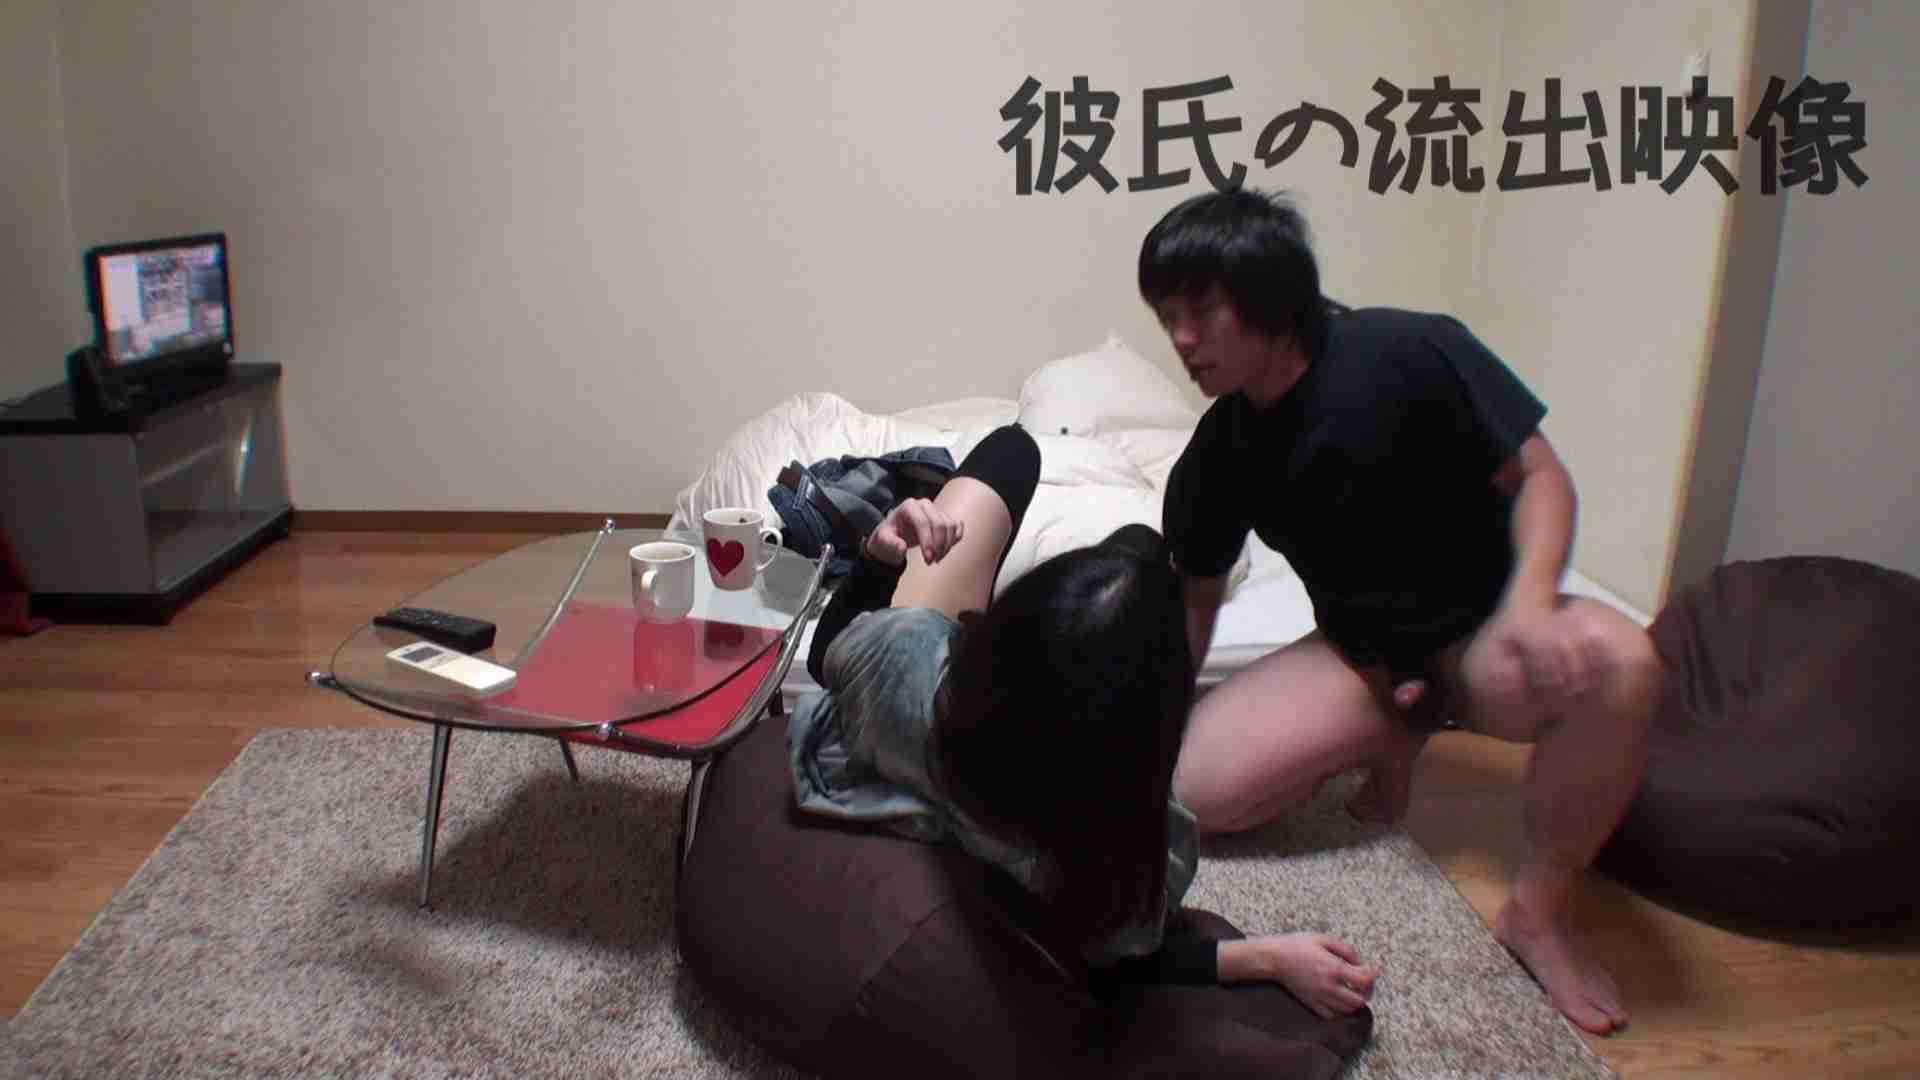 彼氏が流出 パイパン素人嬢のハメ撮り映像02 中出し | パイパン映像  112pic